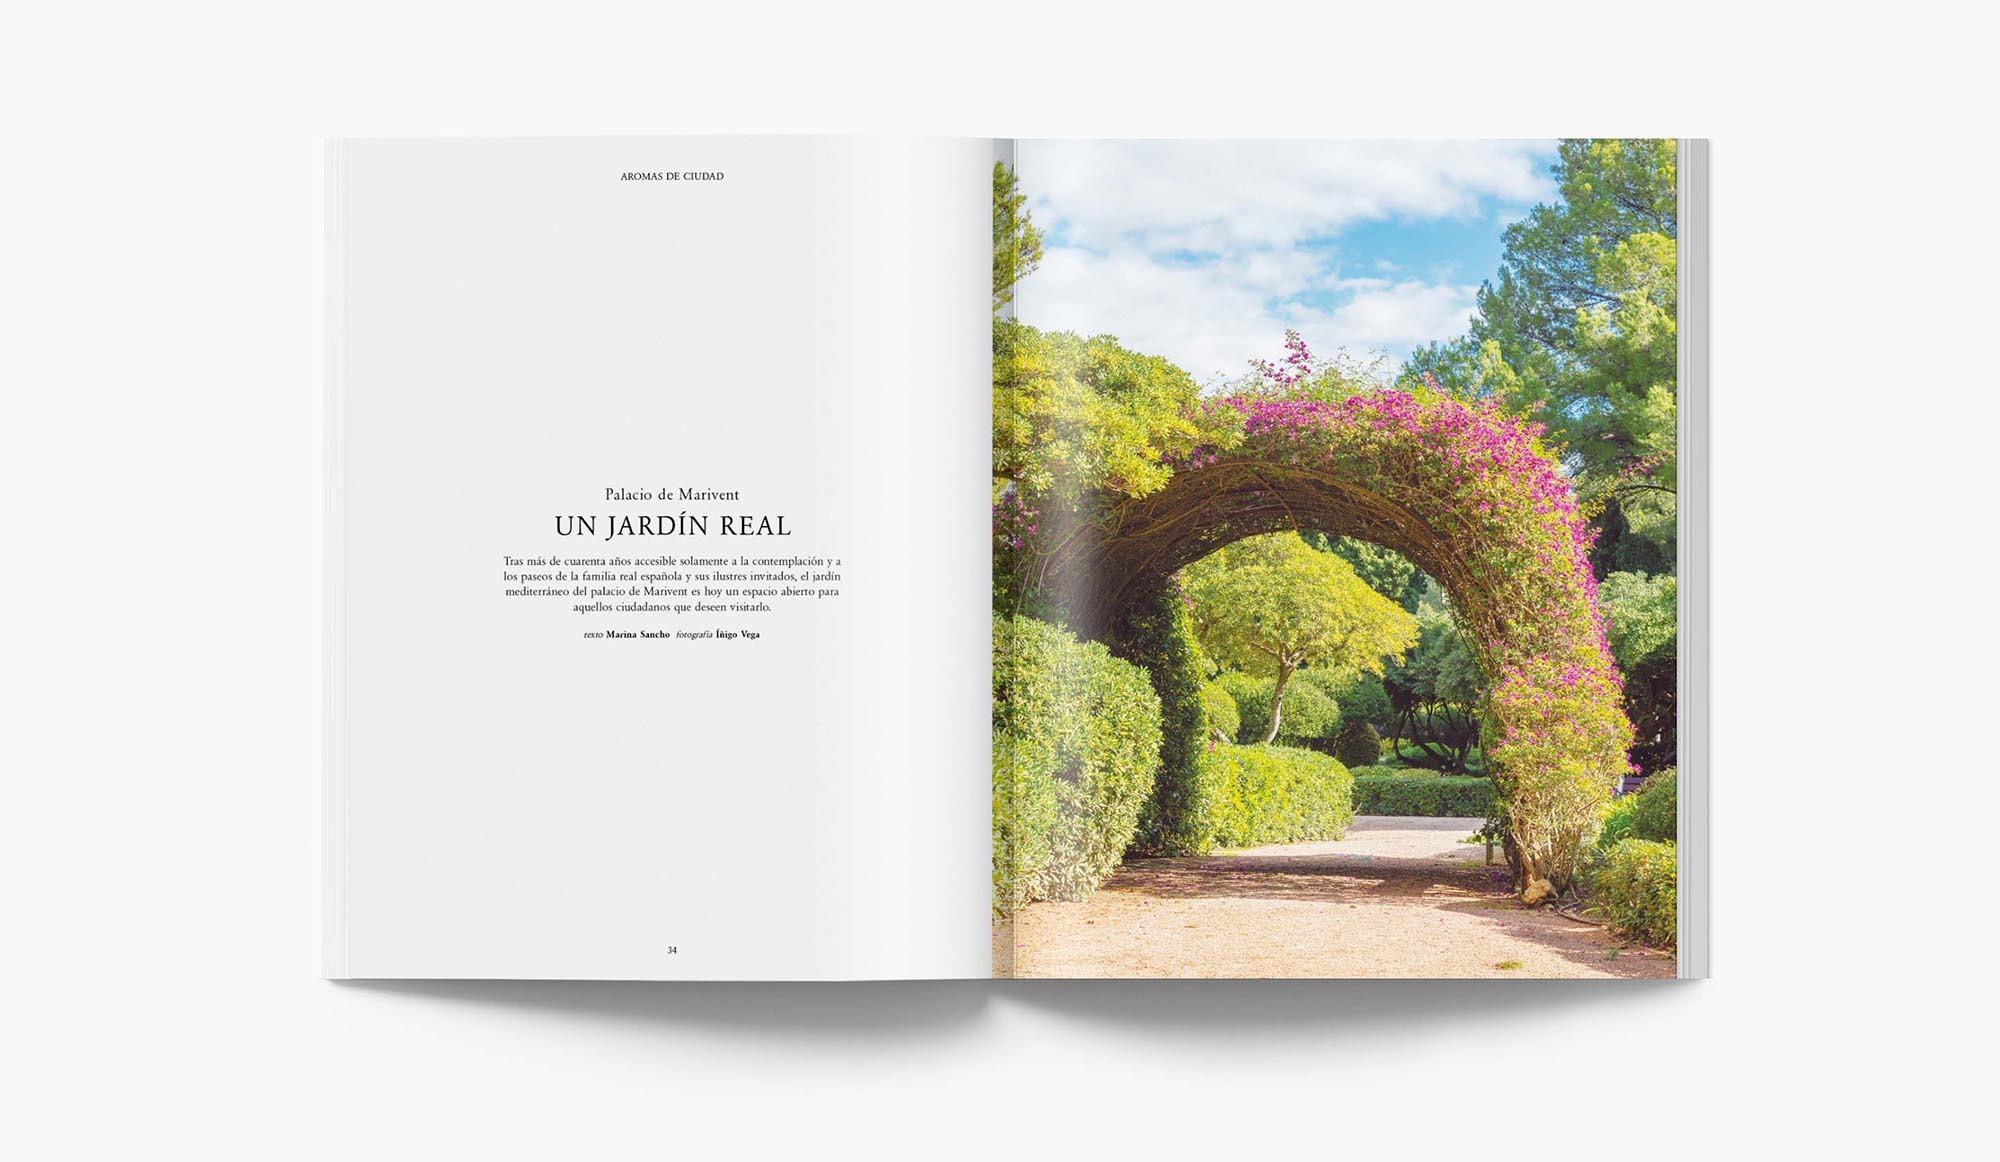 Un jardín real - IN PALMA 61